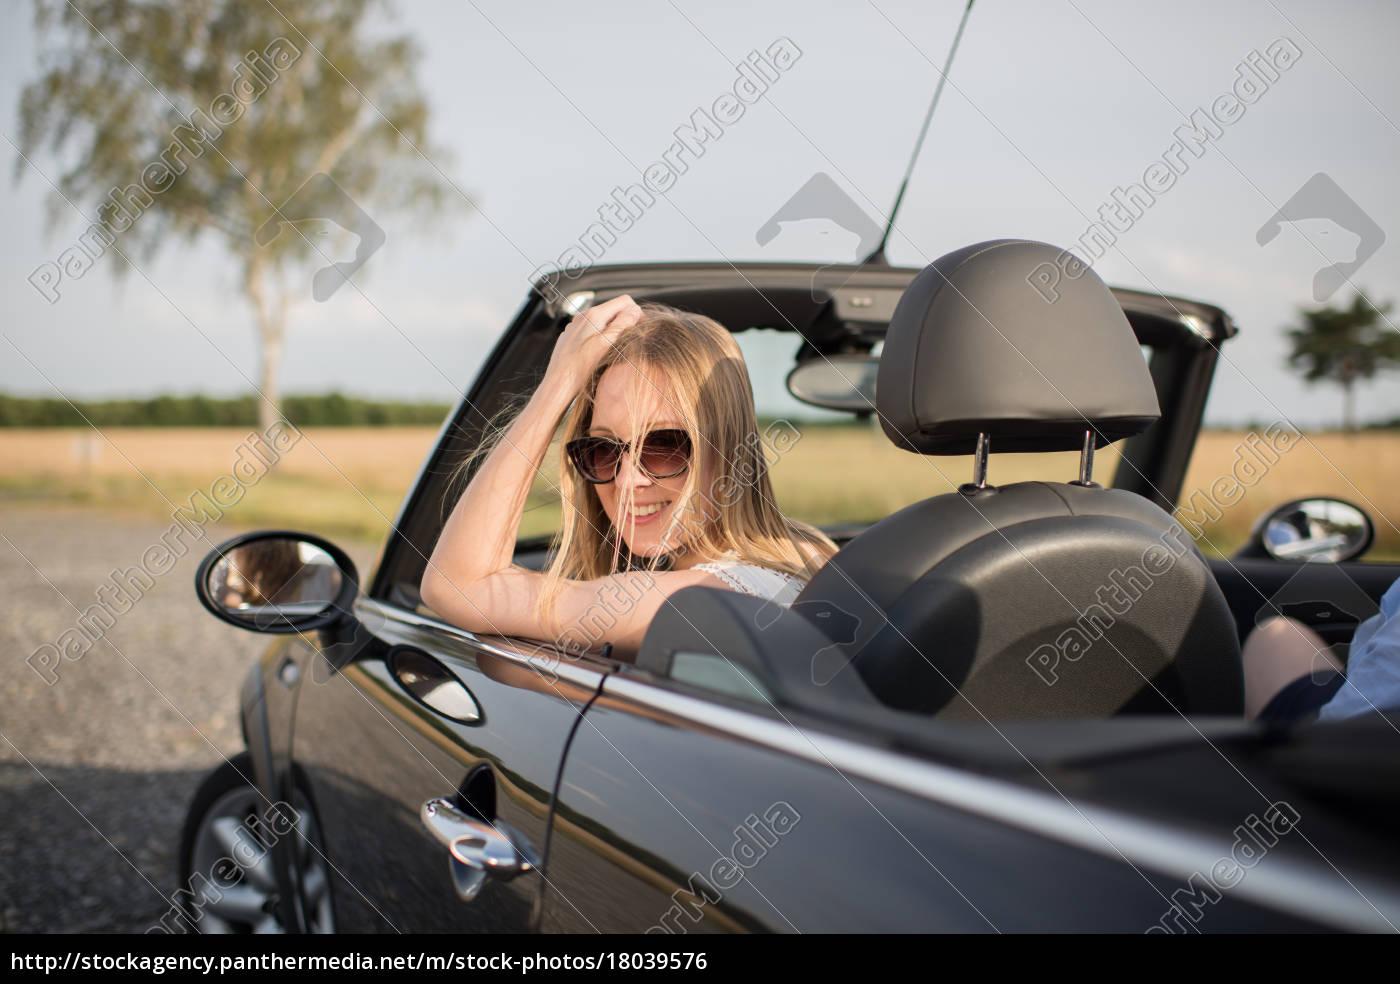 junge, frau, schaut, aus, einem, cabrio - 18039576